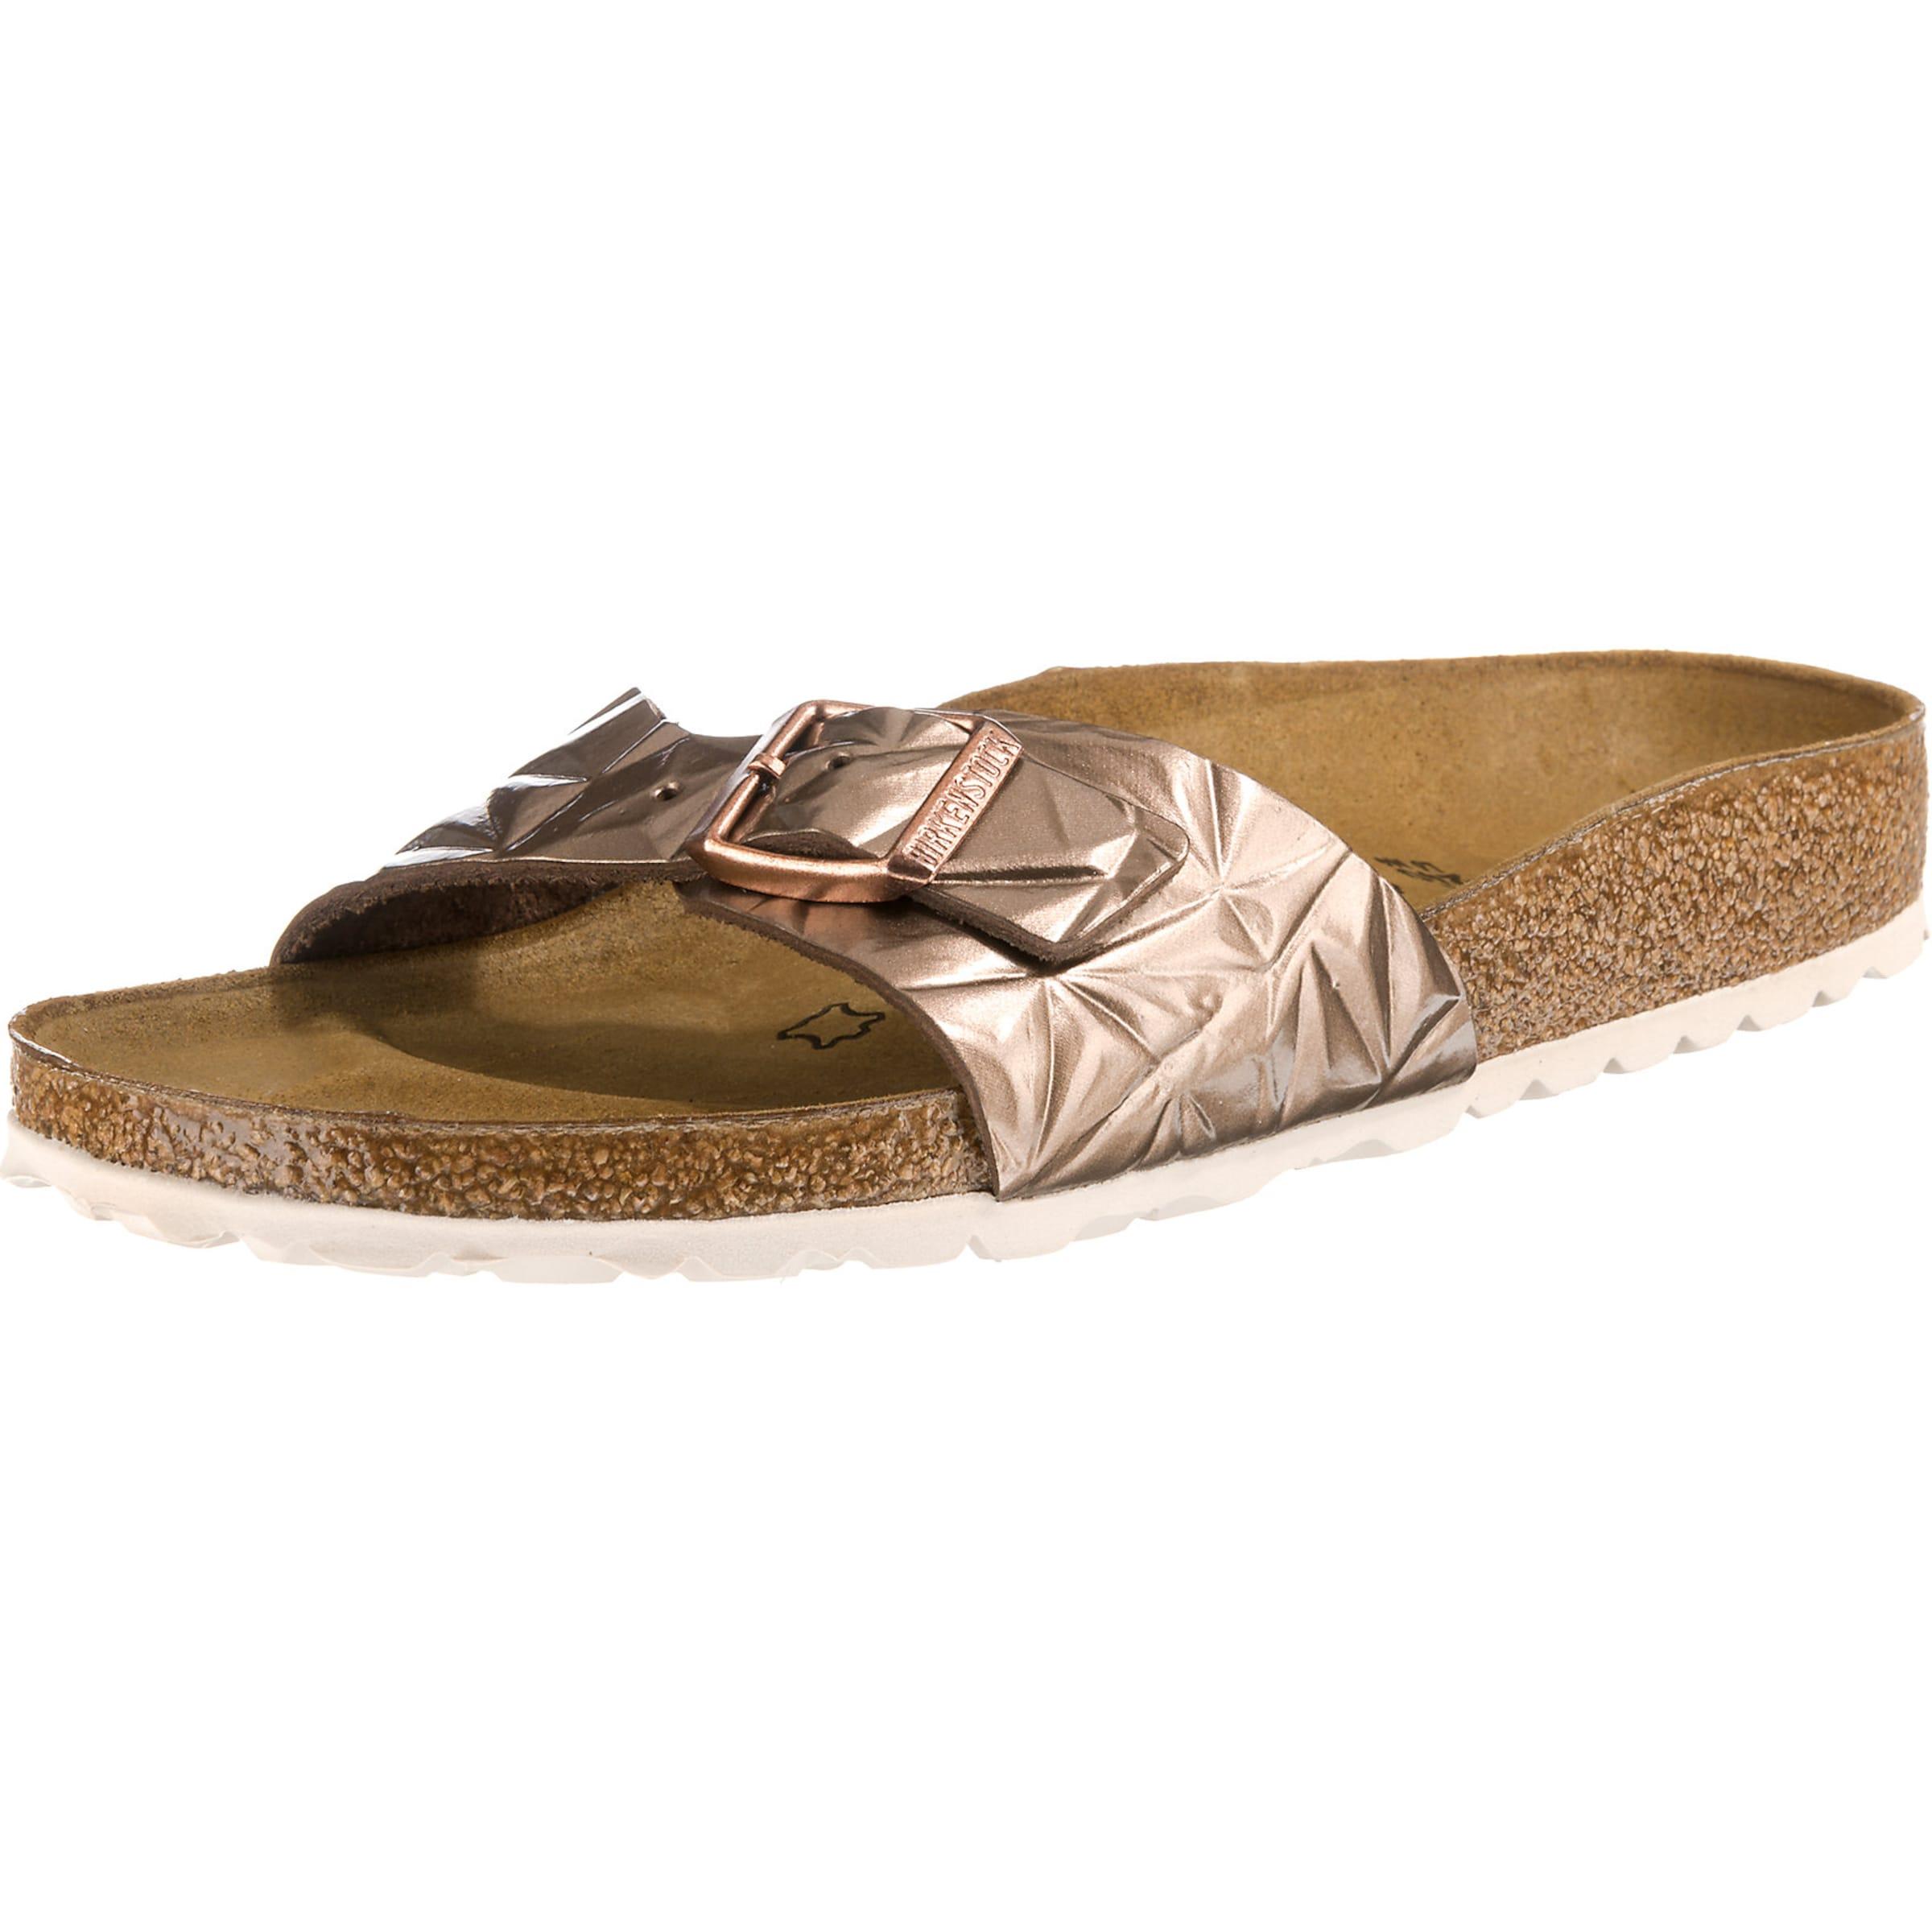 Pantoletten 'madrid' 'madrid' Birkenstock Pantoletten In Bronze Birkenstock eQrBodxCW